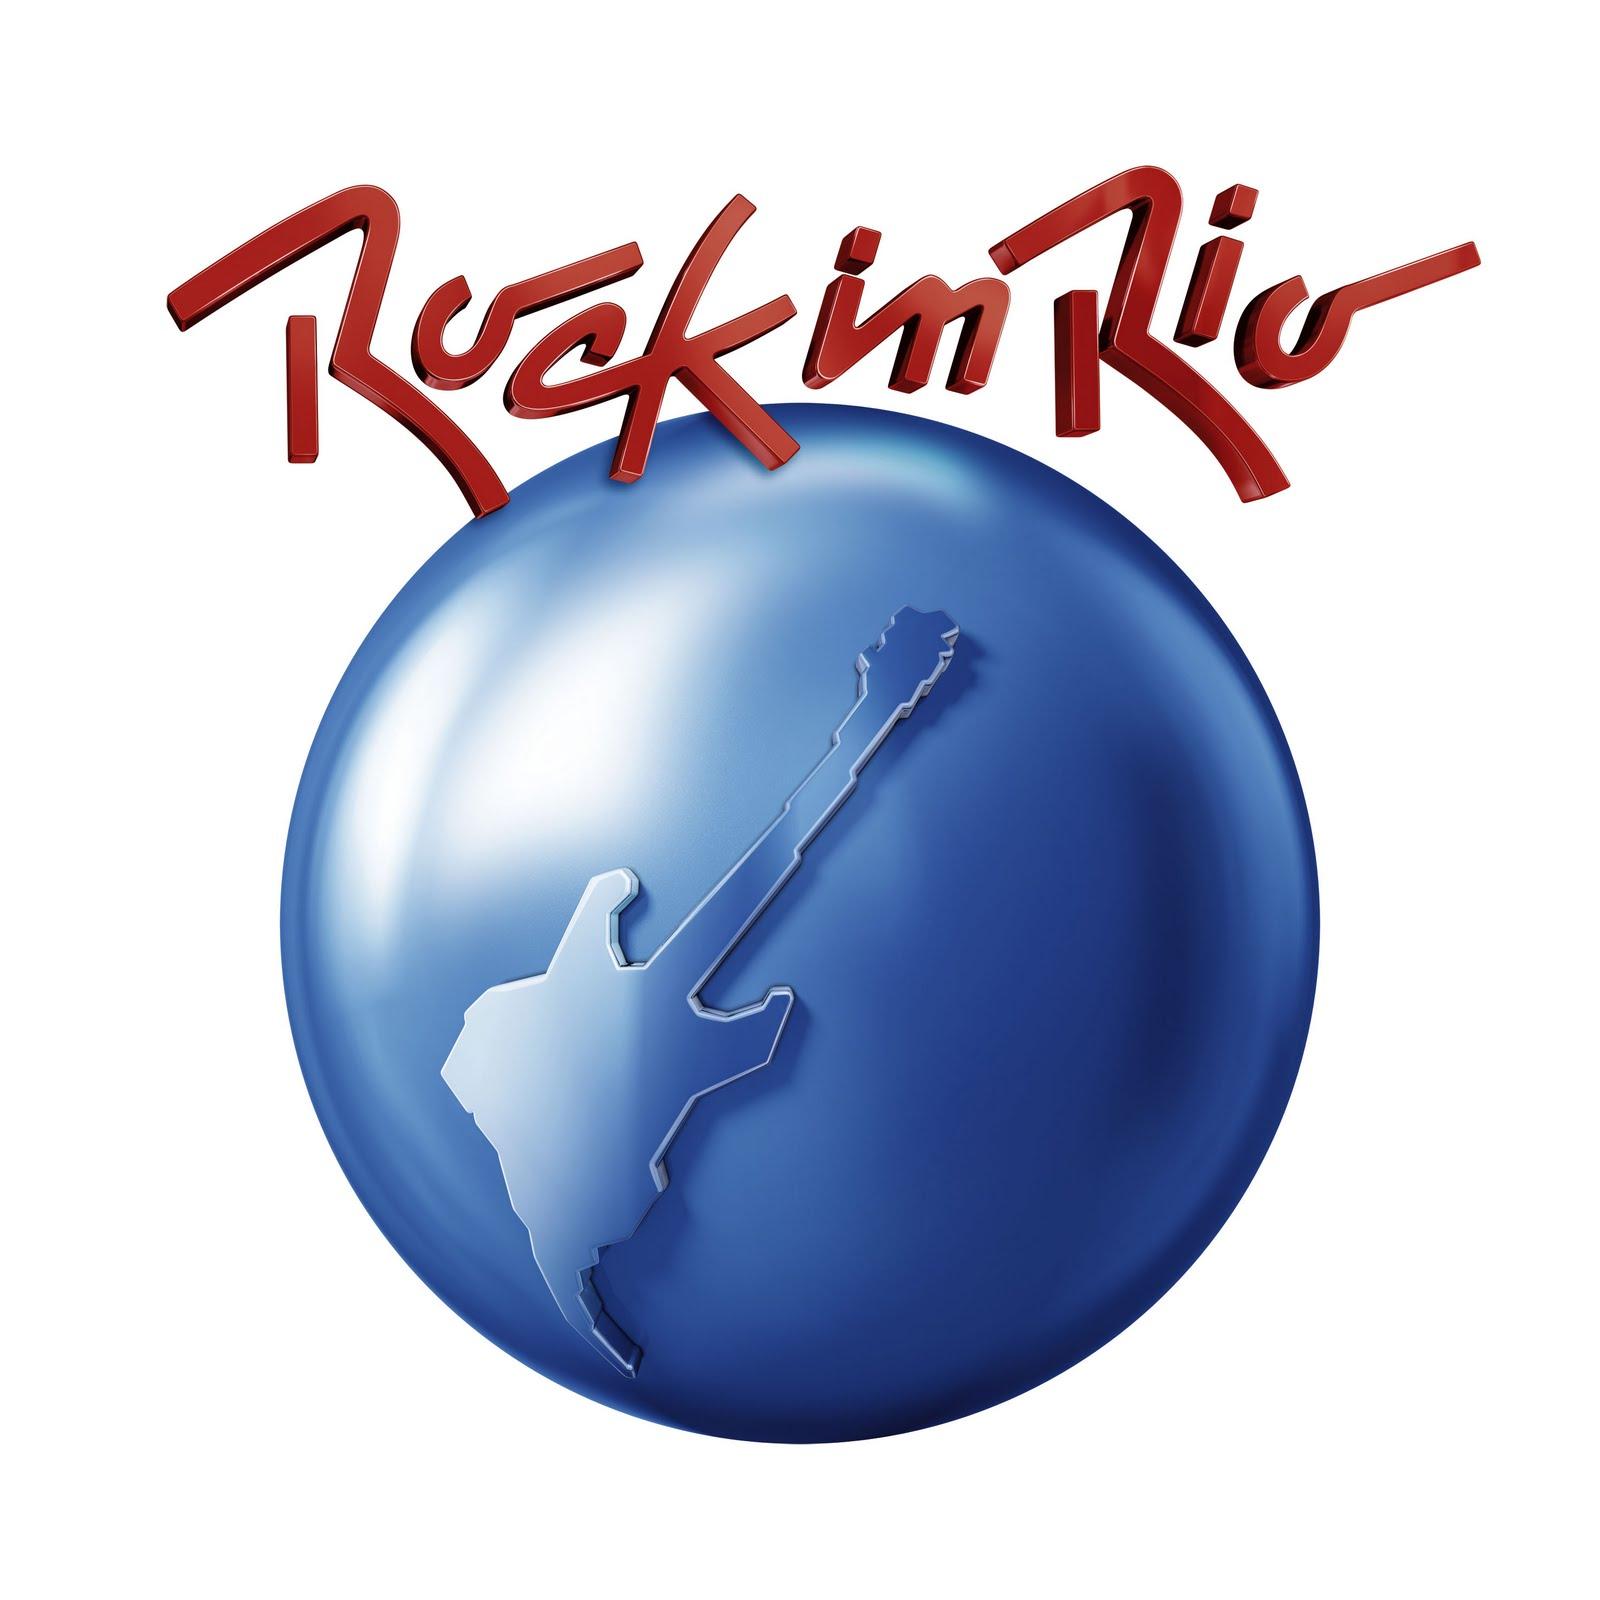 http://3.bp.blogspot.com/-dY-n7VGQQP8/Tajtl4-iFPI/AAAAAAAAAAY/-wHPwvnUcnY/s1600/rockinrio2011.jpg